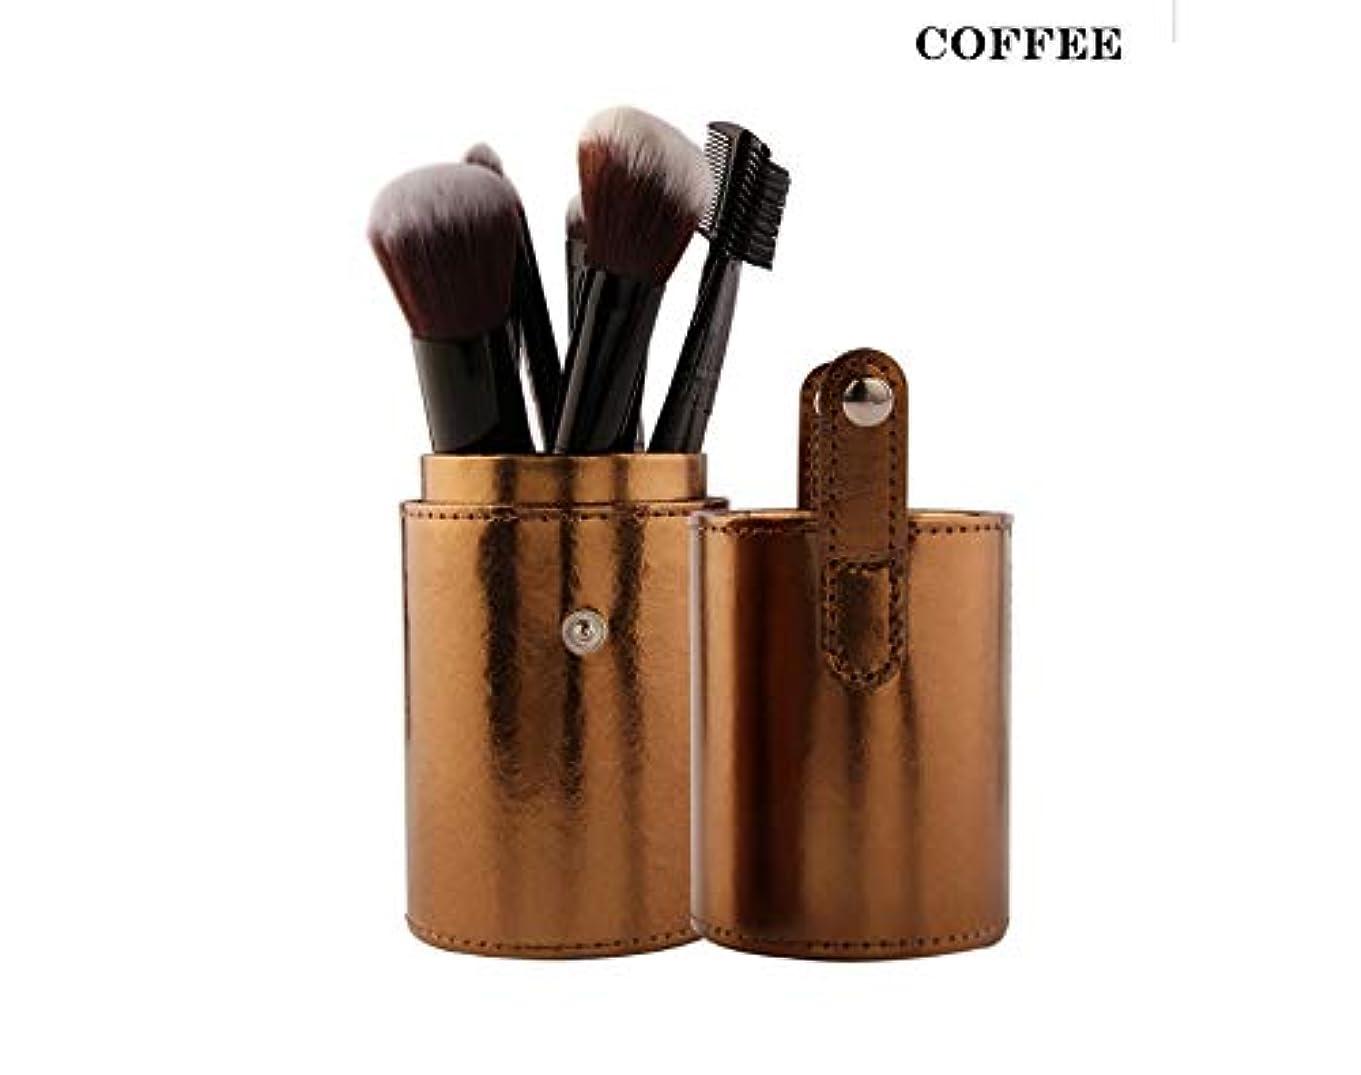 キルスバッチ農奴Meeioupl ファッション化粧ブラシセット12パックナイロン髪素材耐久性のある化粧道具ソフトで快適プロのメイクアップアーティストに適して 品質保証 (Color : ブラウン)